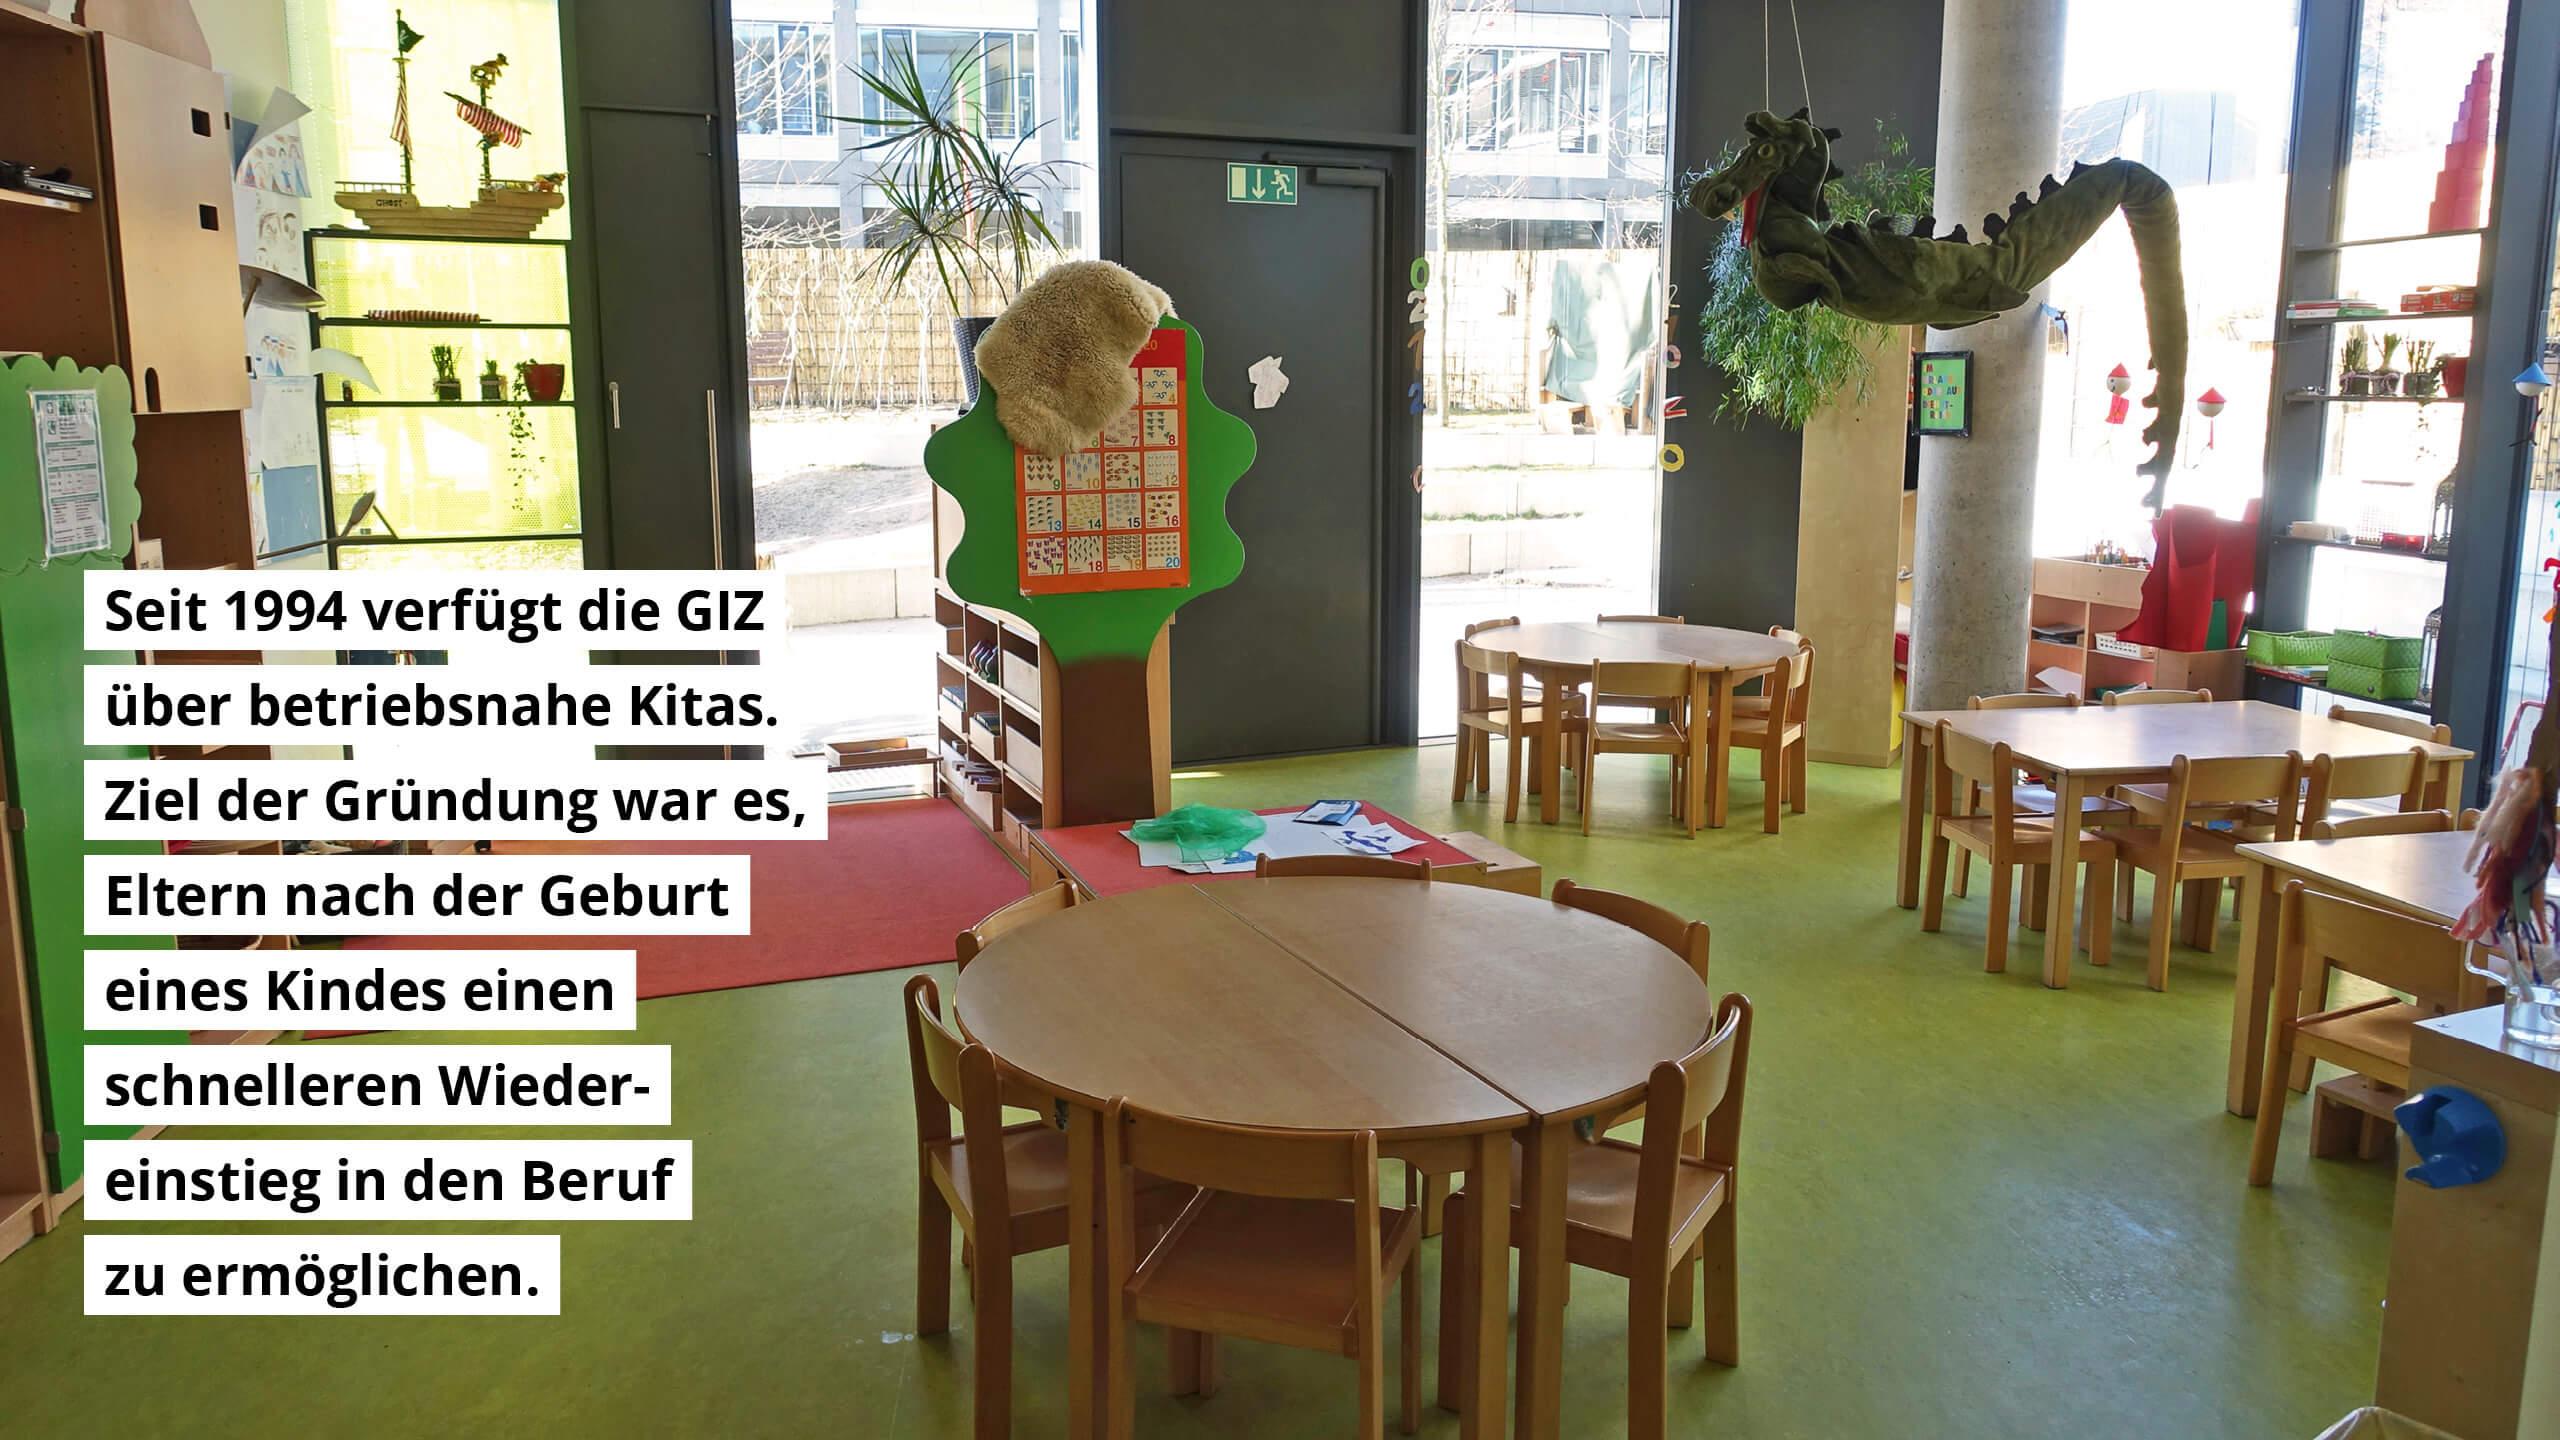 Seit 1994 verfügt die GIZ über betriebsnahe Kitas. Ziel der Gründung war es, Eltern nach der Geburt eines Kindes einen schnelleren Wiedereinstieg in den Beruf zu ermöglichen.